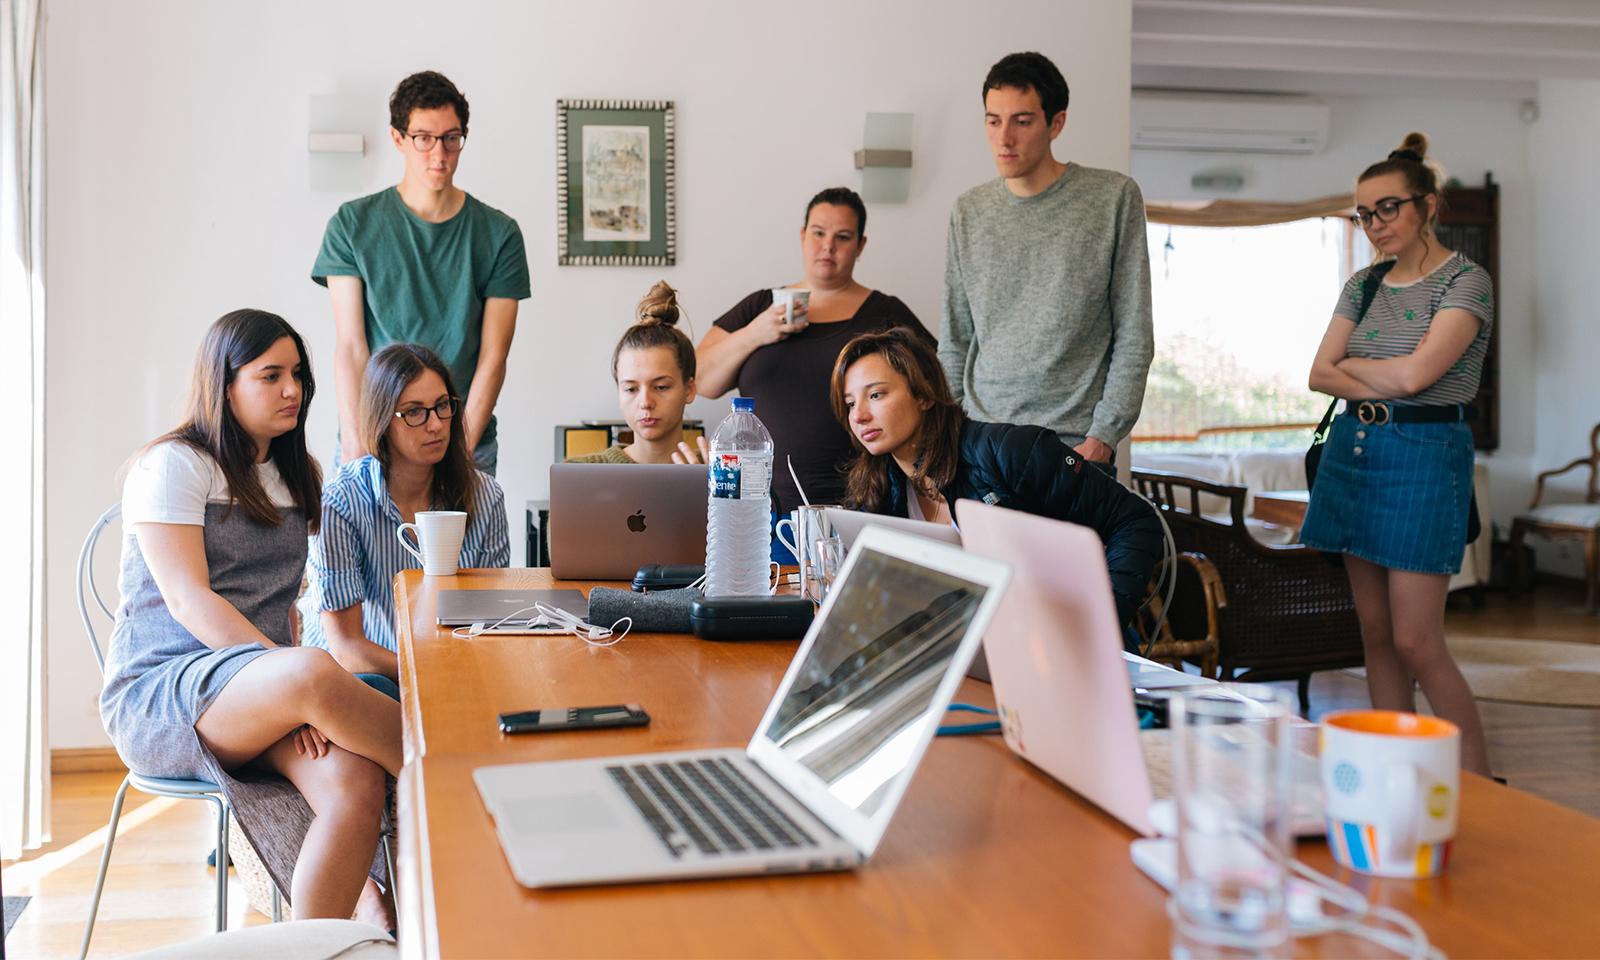 Big Data Analytics et Internet of Things : deux nouveaux diplômes à l'École polytechnique